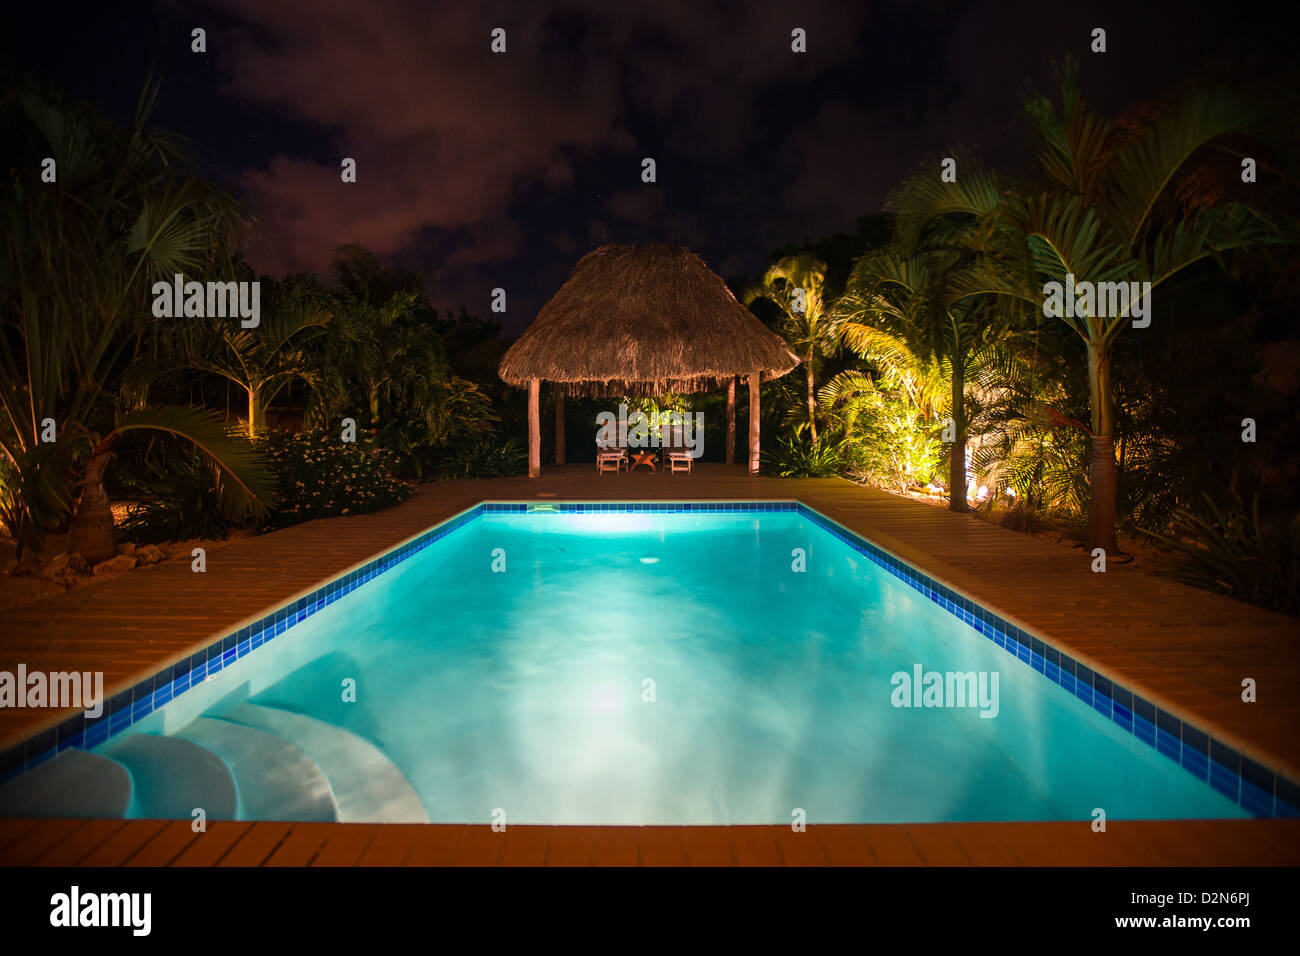 Ferienhaus in der Karibik Stockbild